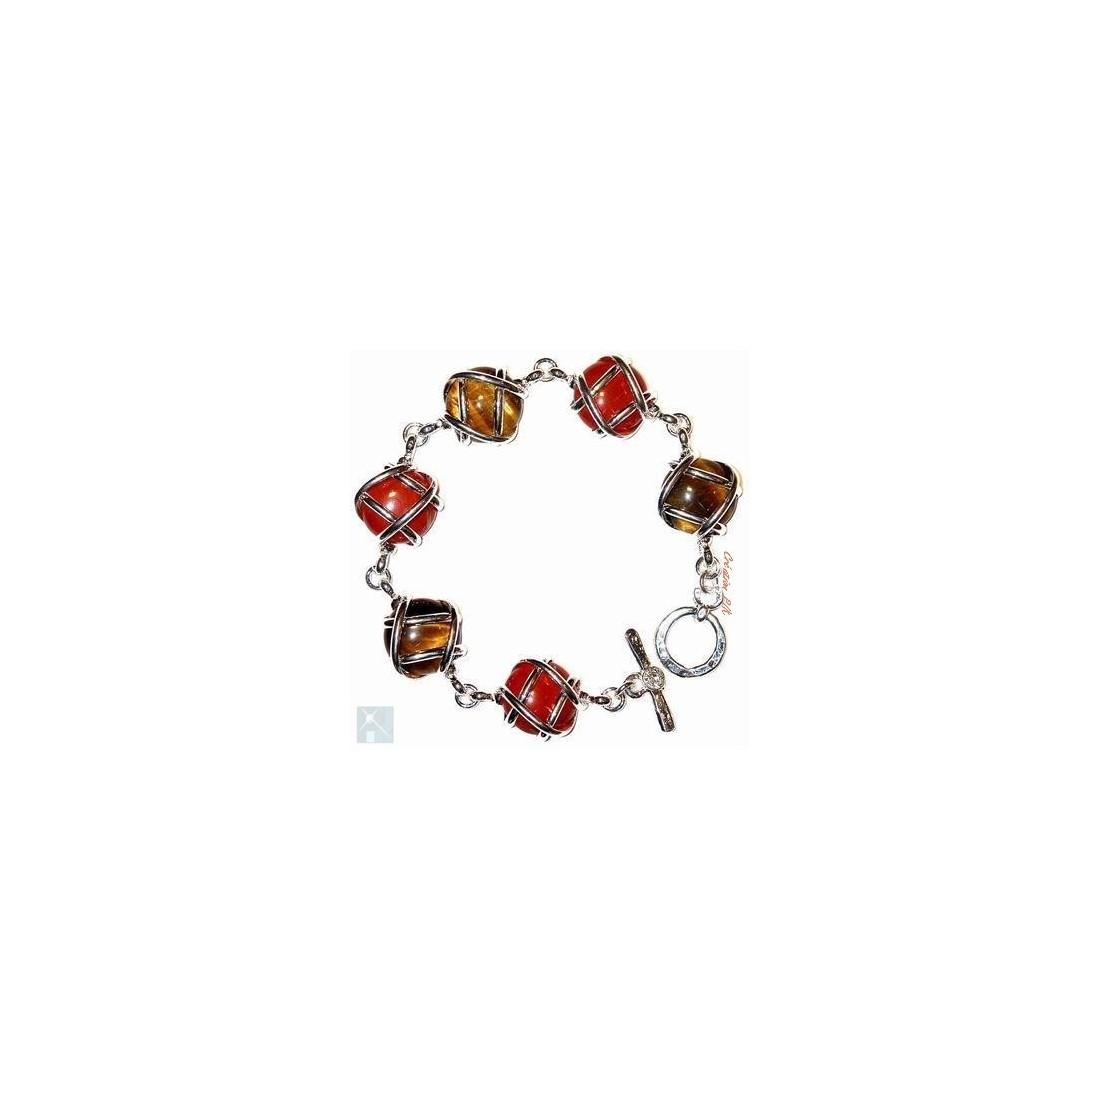 Bracelet multicolore avec des pierres fines : jaspe rouge et l'oeil de tigre.